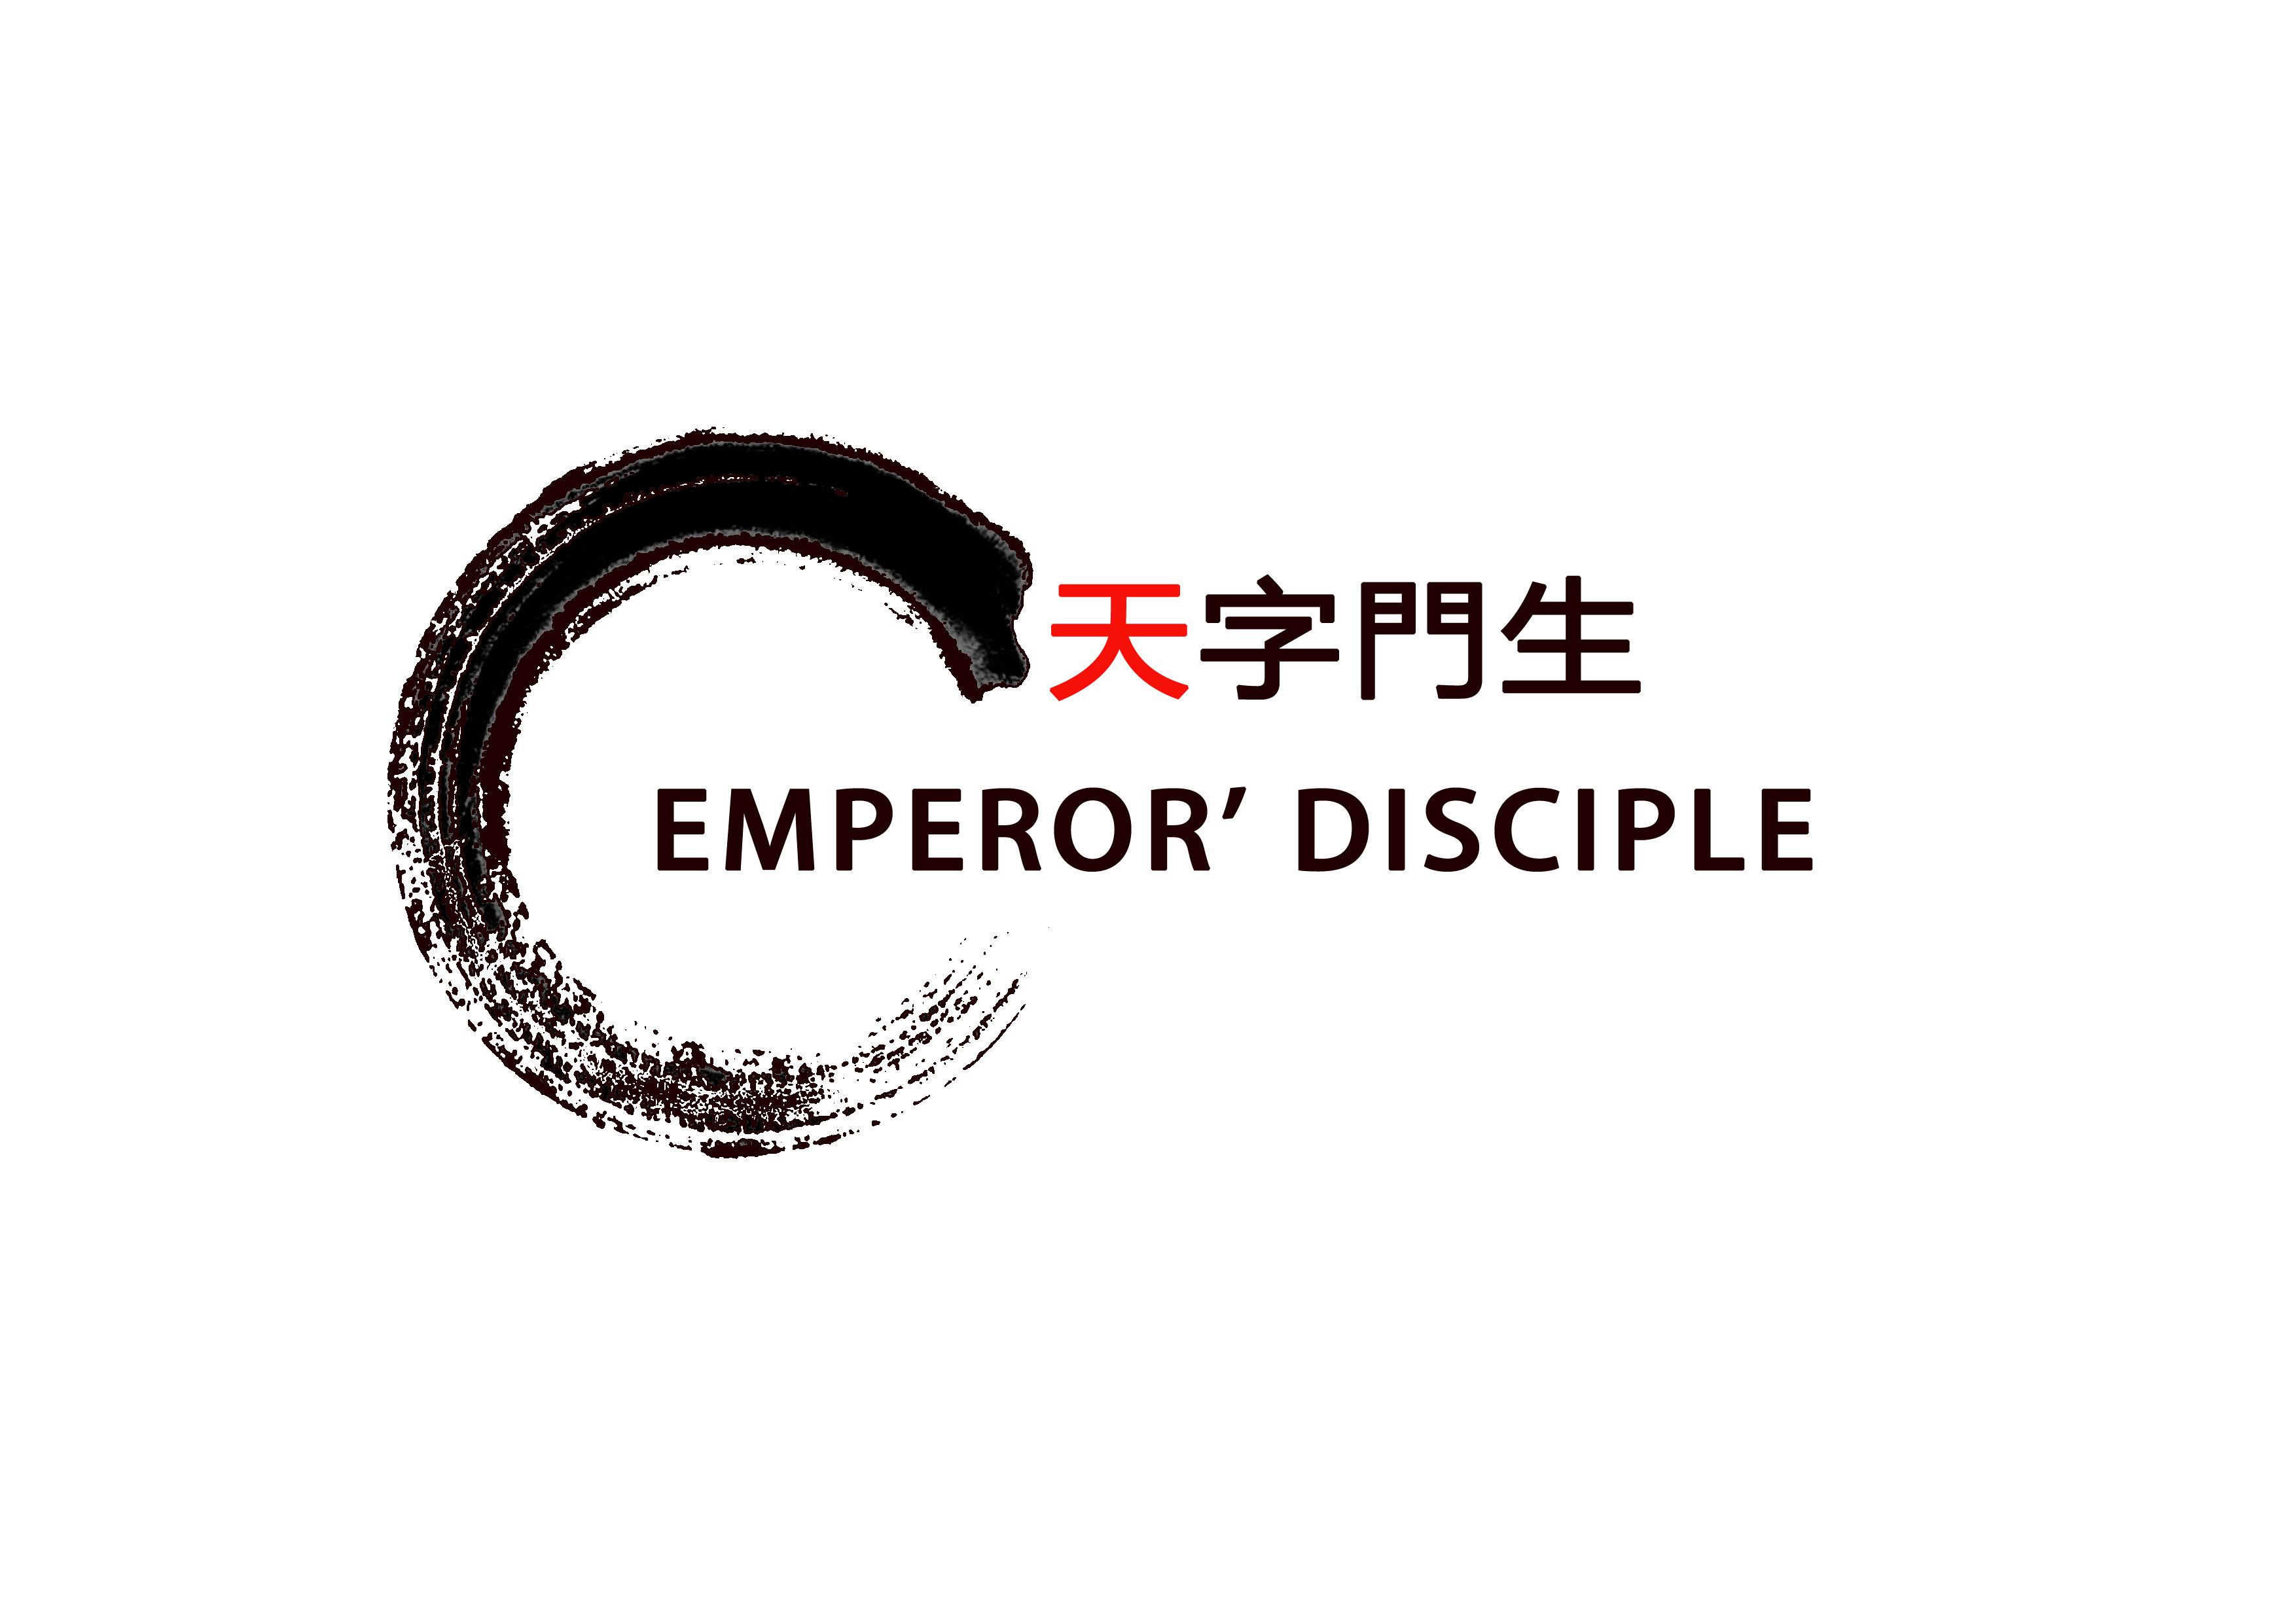 中国风的街舞队logo(已用)